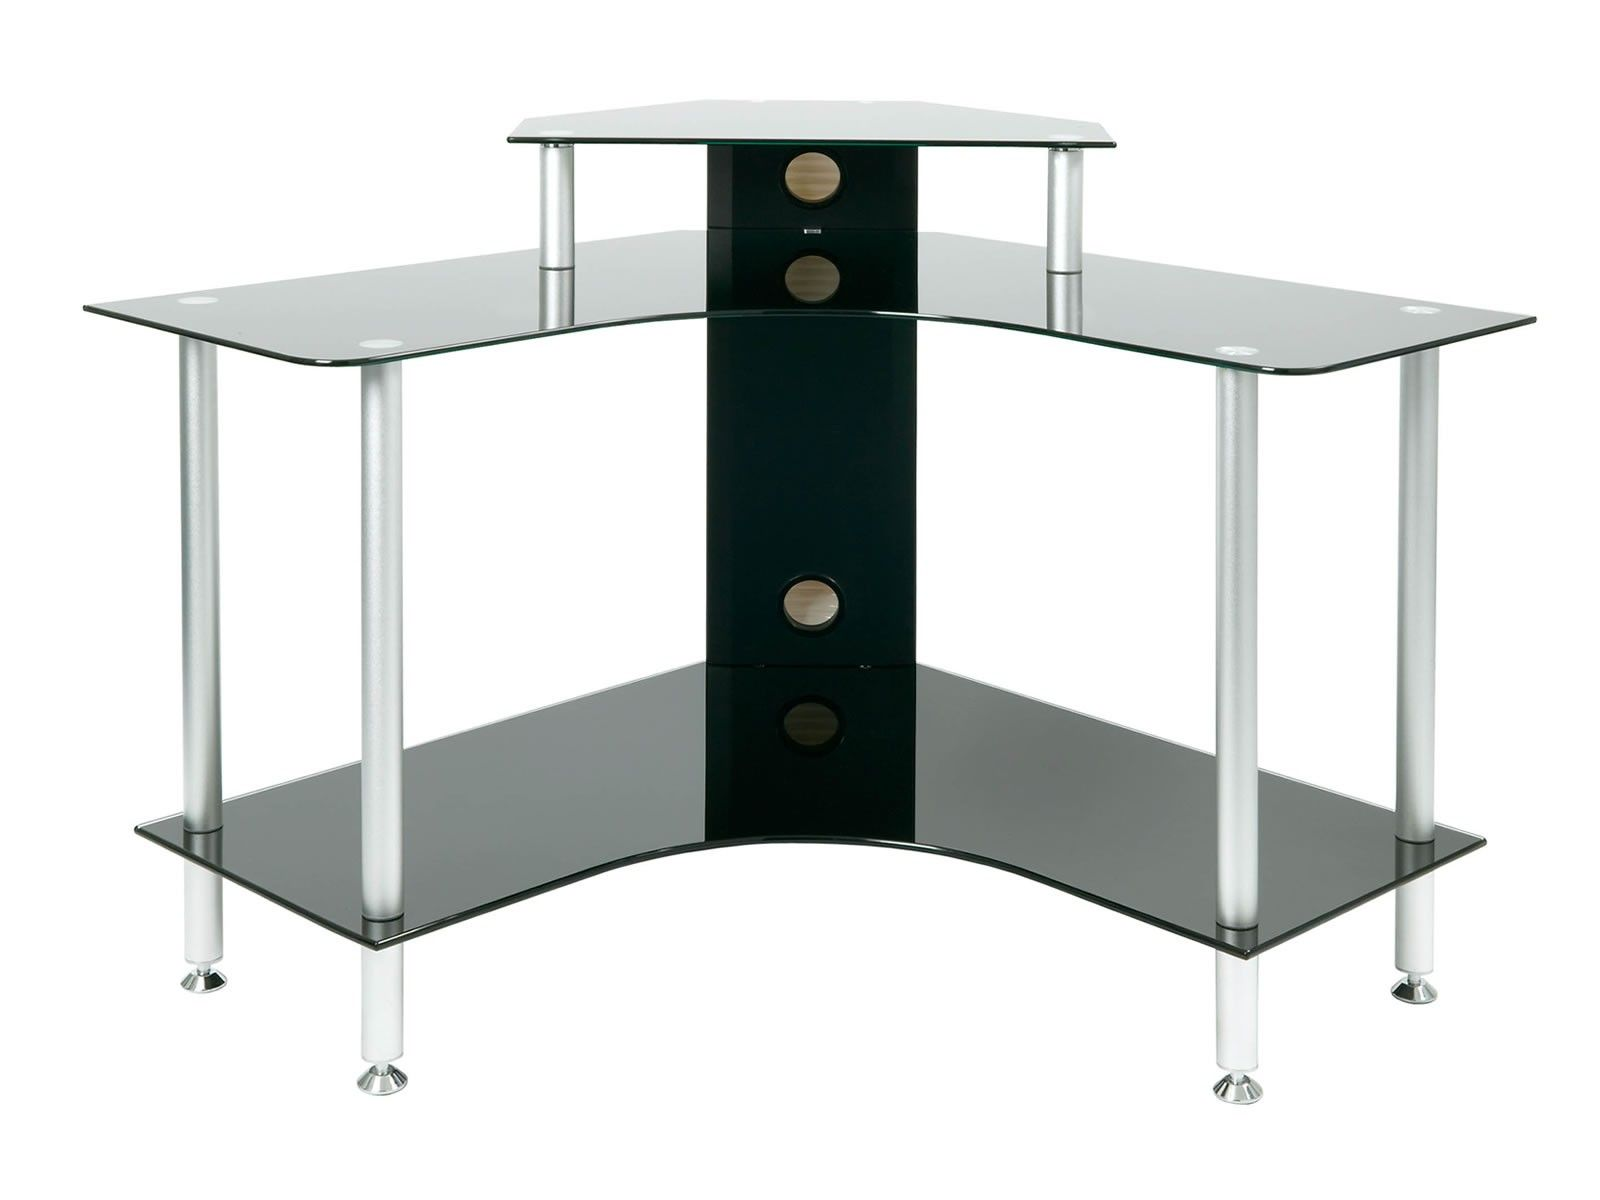 Jual Furnishings Pc004 Black Glass Corner Desk Desk Furniture Computer Desks For Home Home Office Furniture Sets